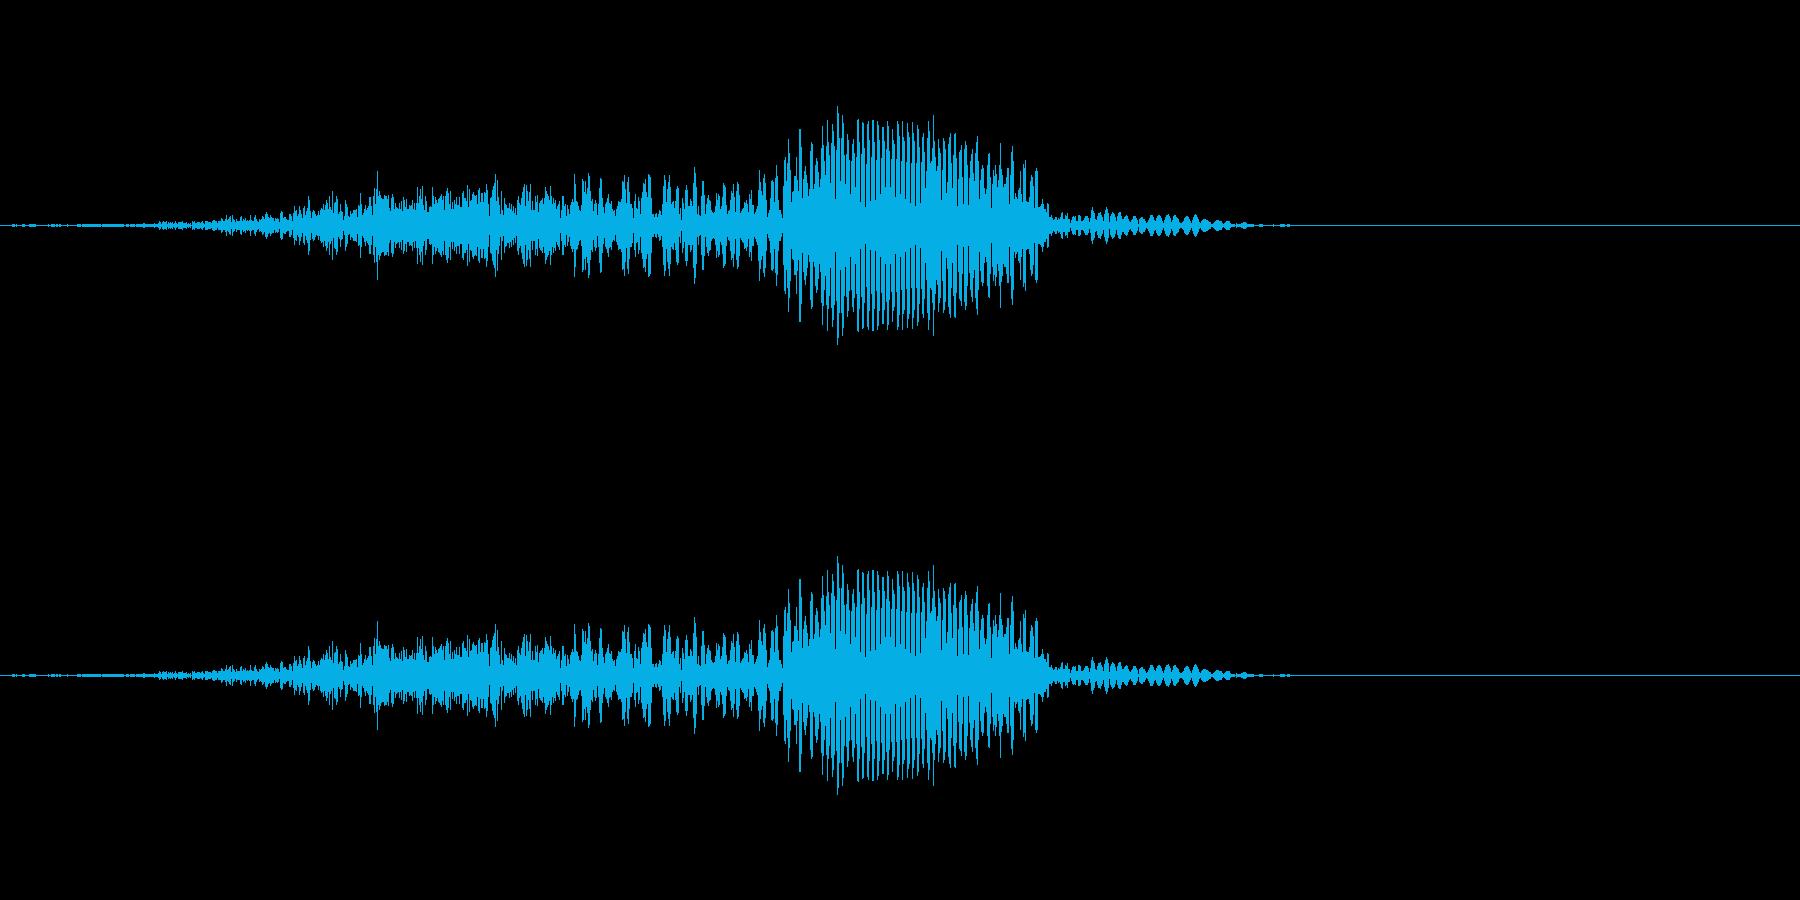 ほっ!! - 男性和風掛け声の再生済みの波形